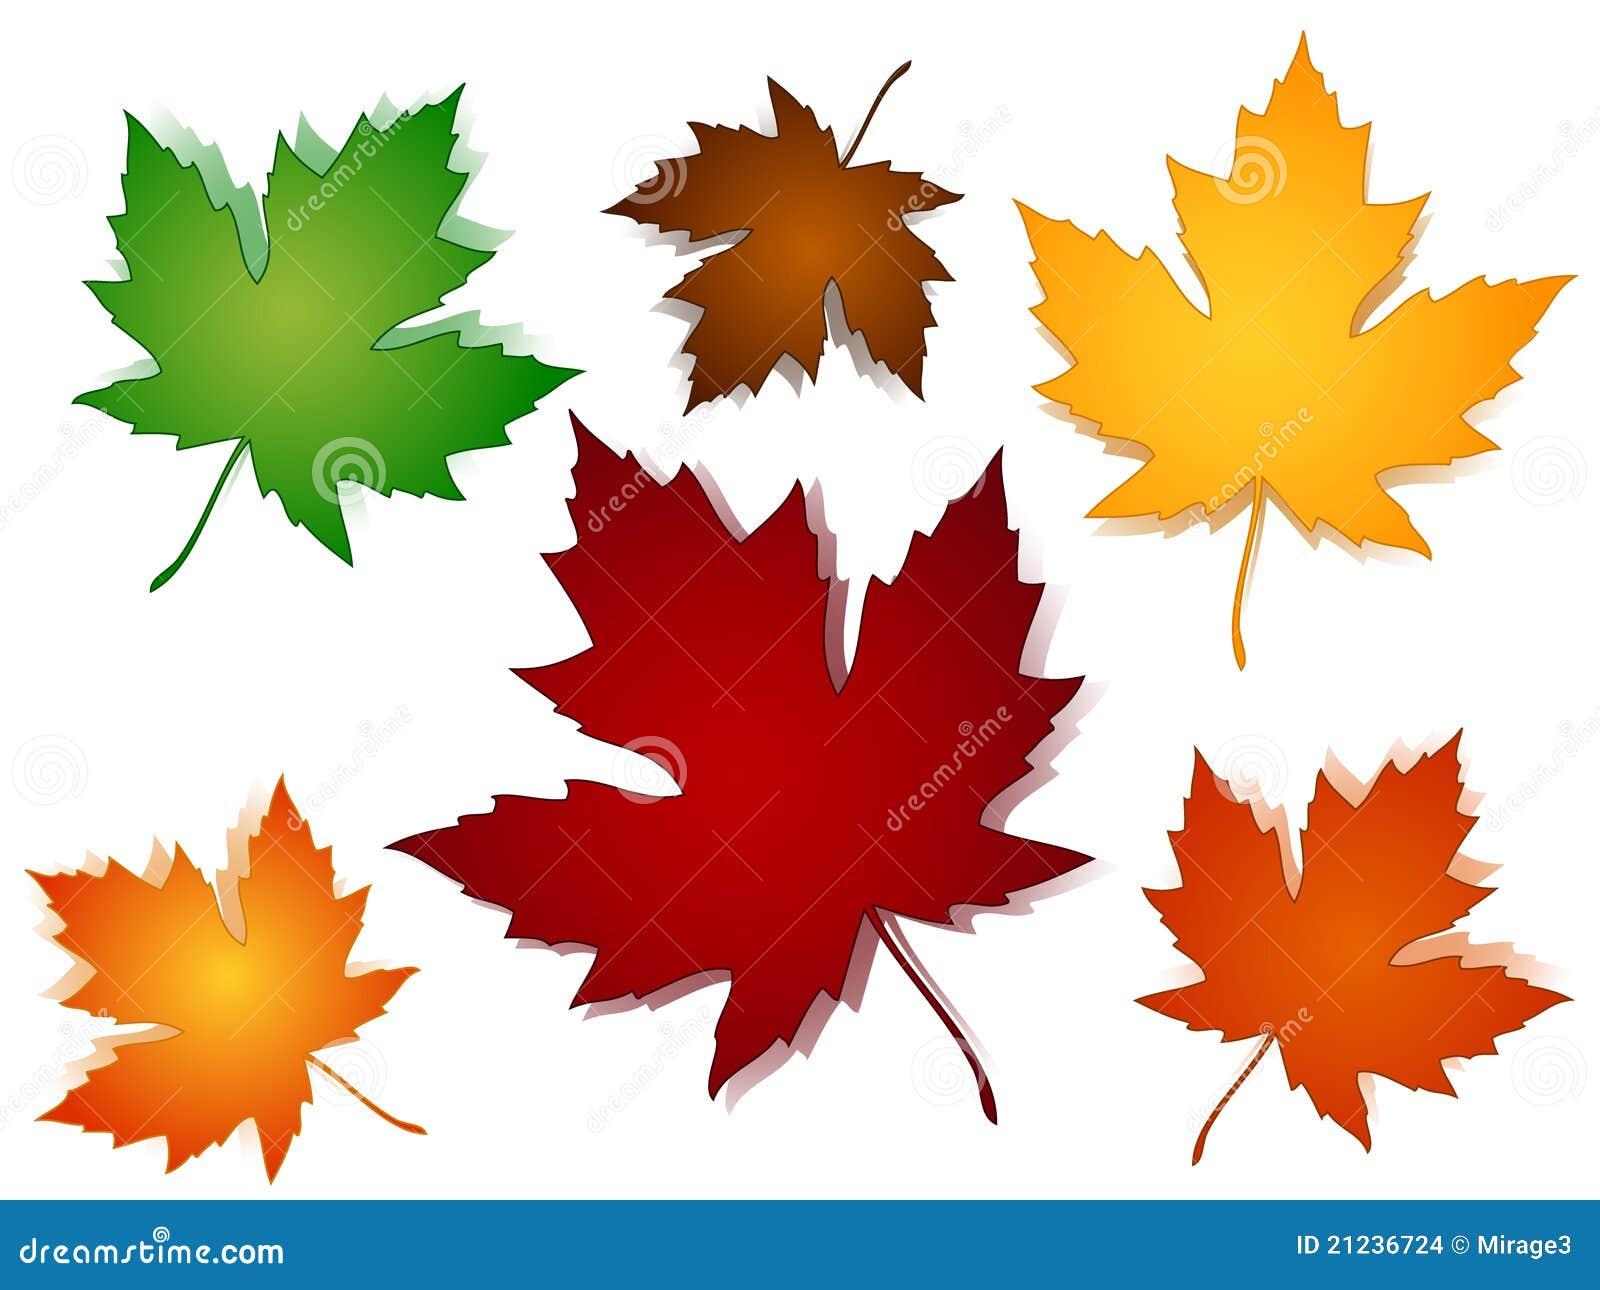 Opzioni di colore di caduta delle foglie di acero - Caduta fogli di colore stampabili ...